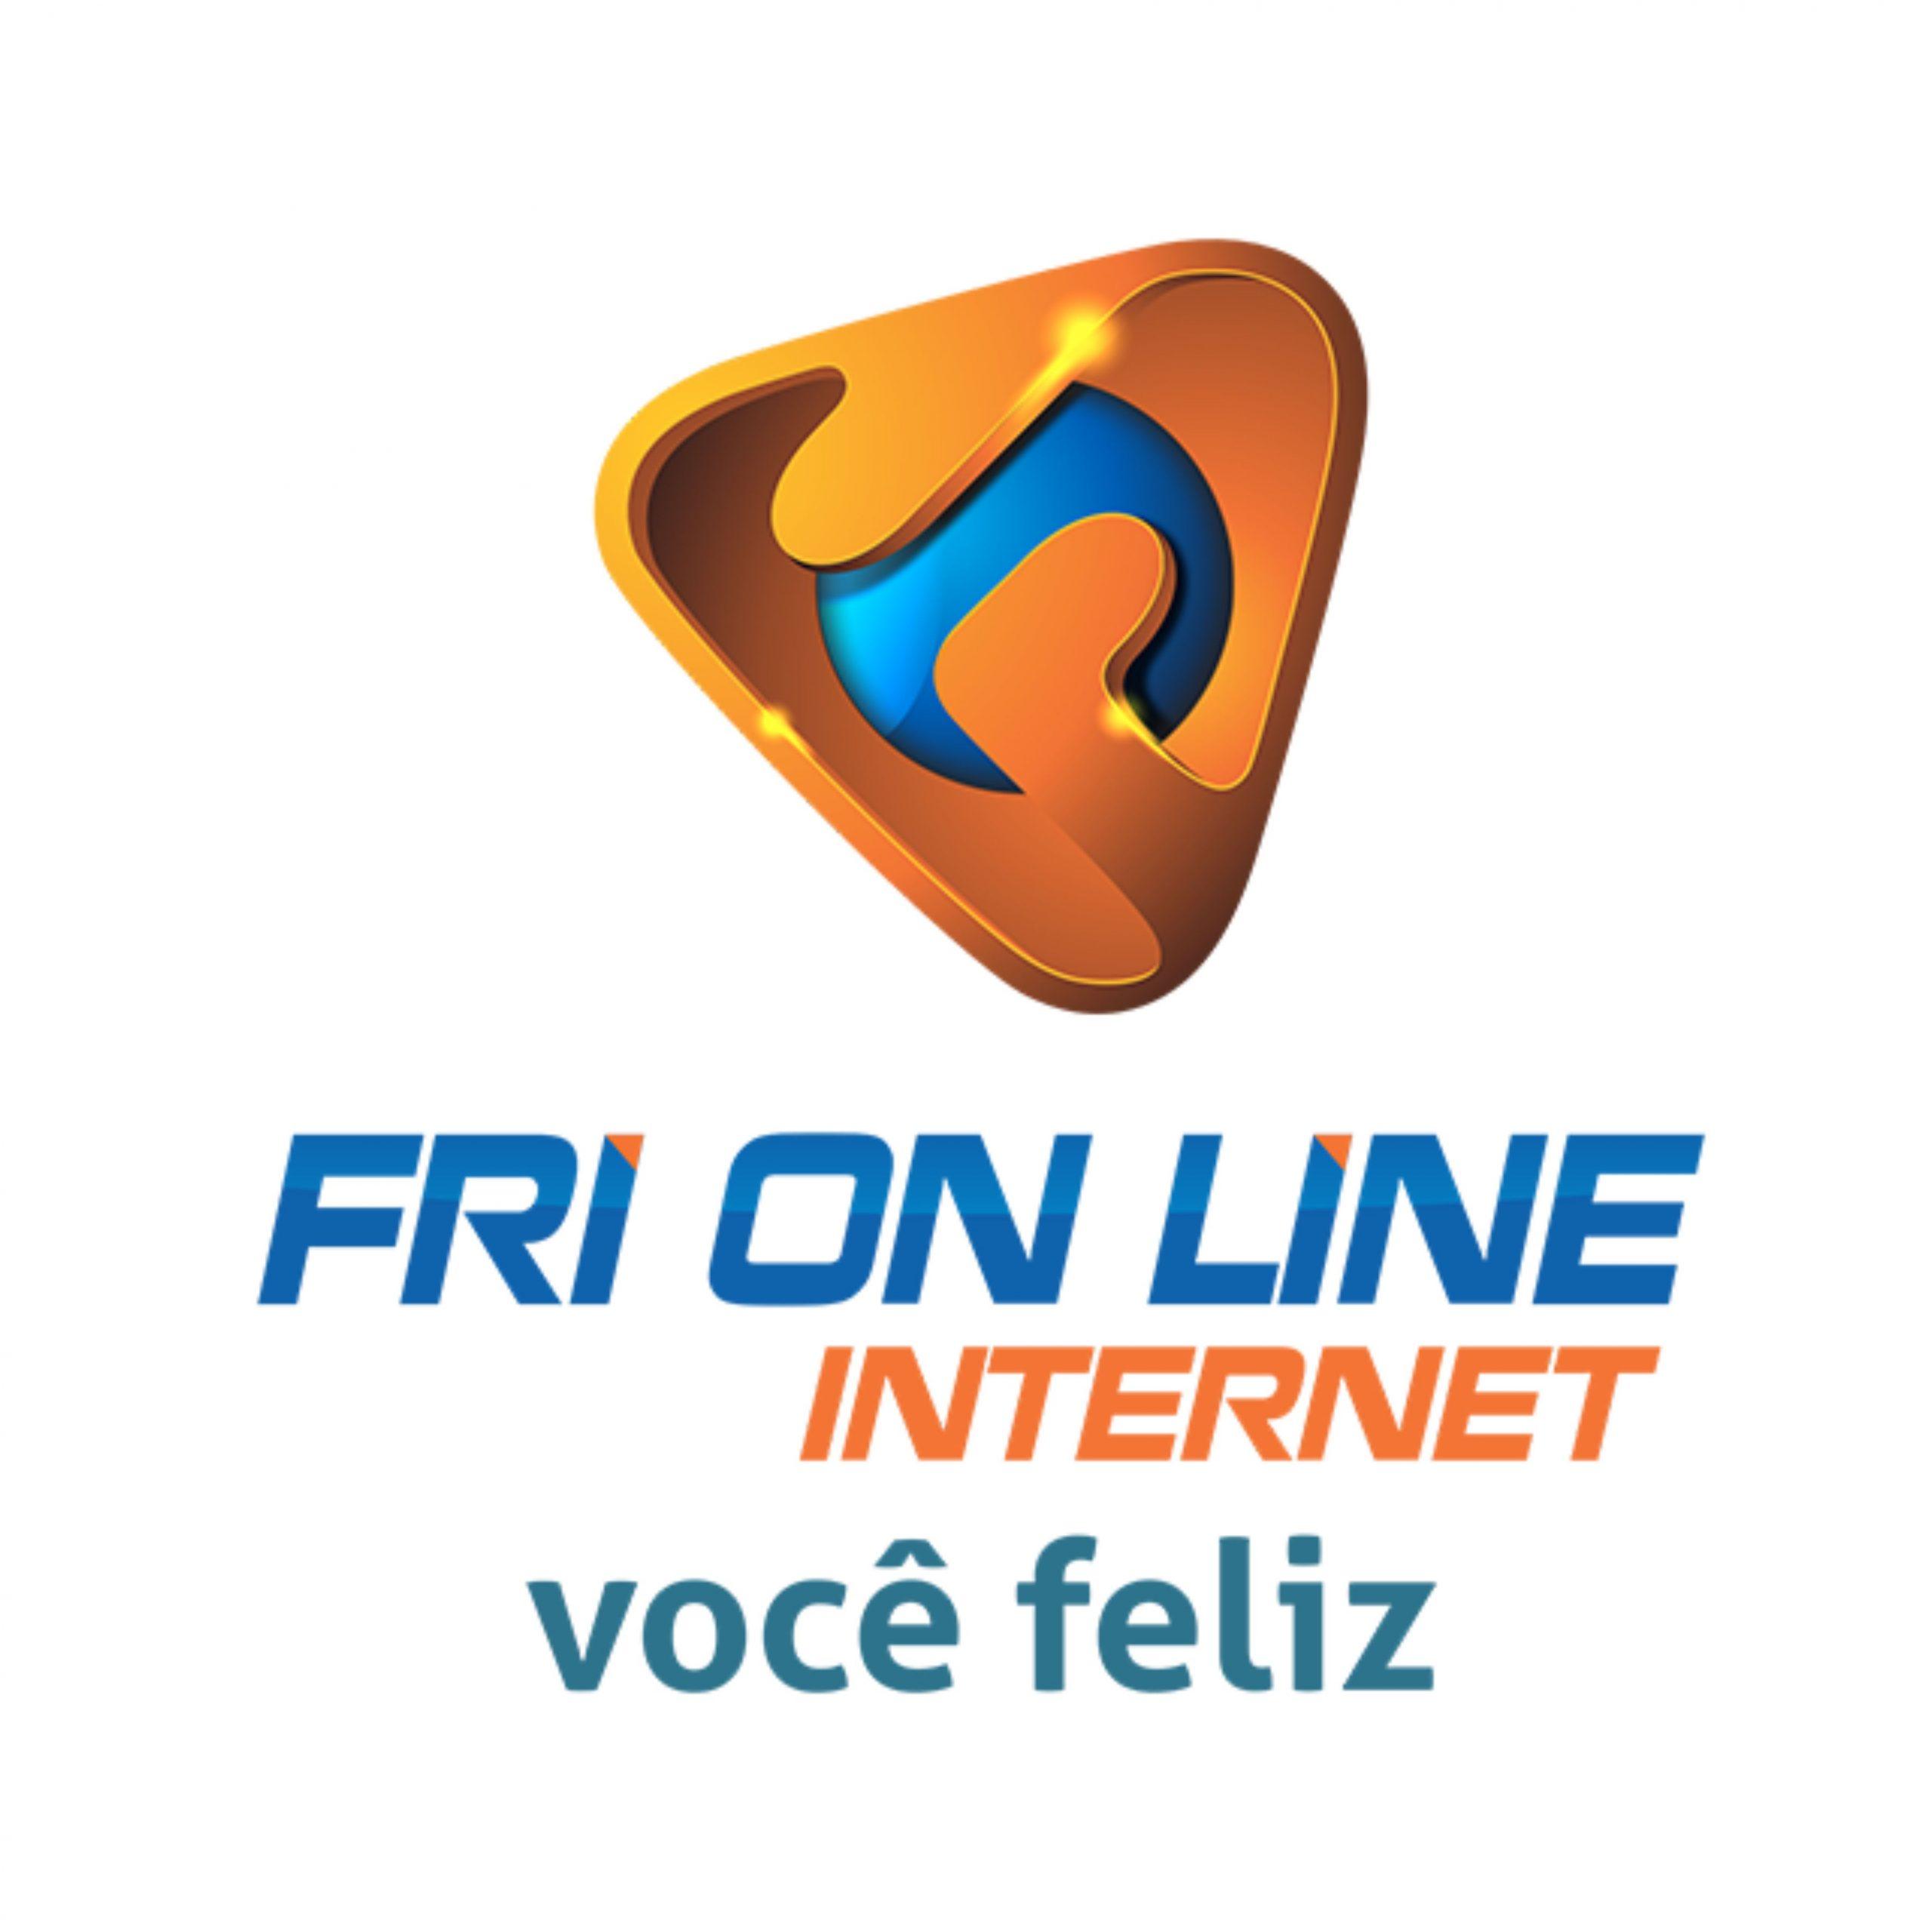 frionline